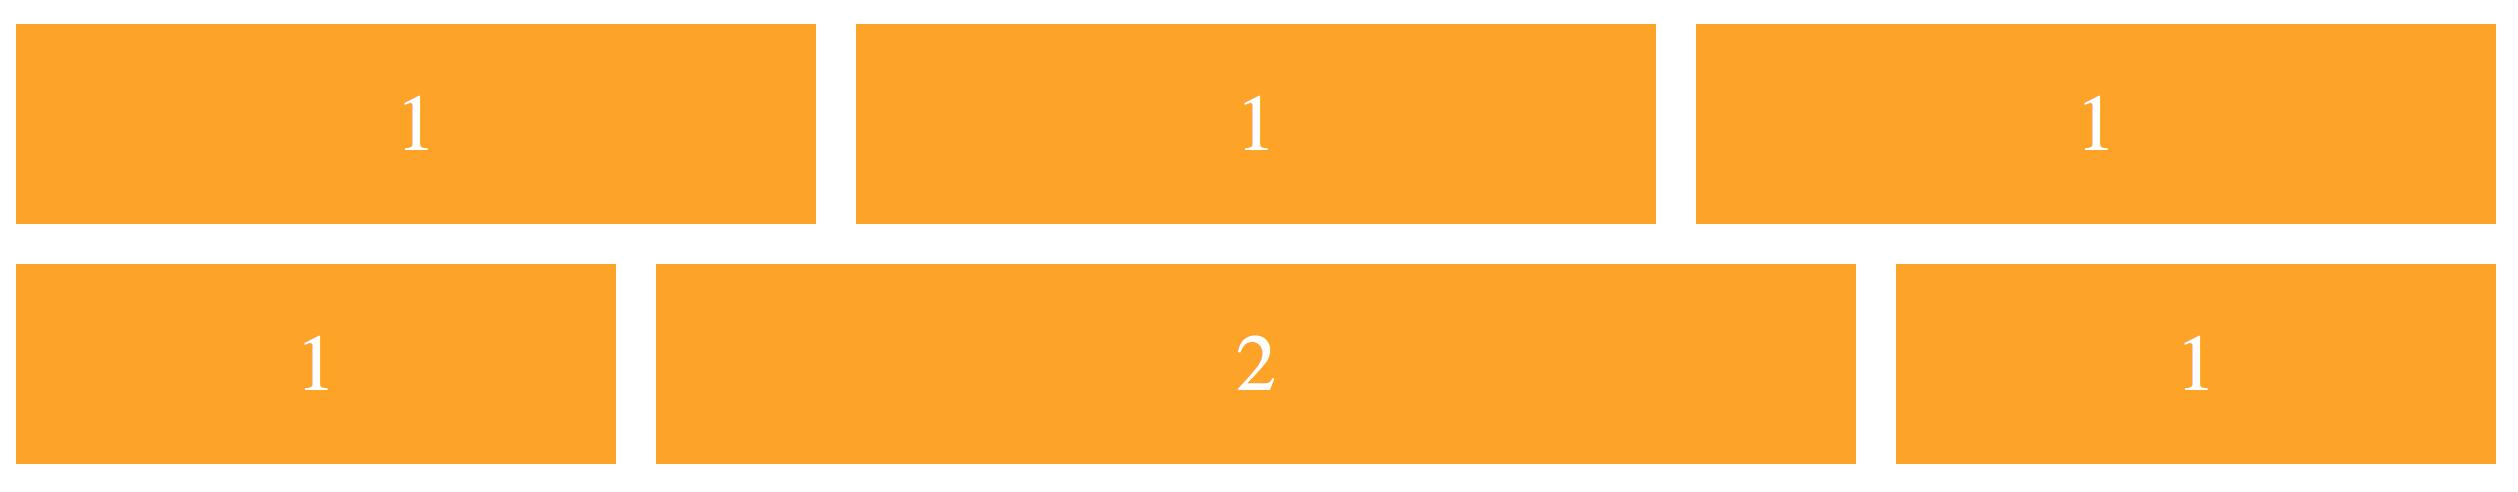 flex-grow: 定义项目的放大比例